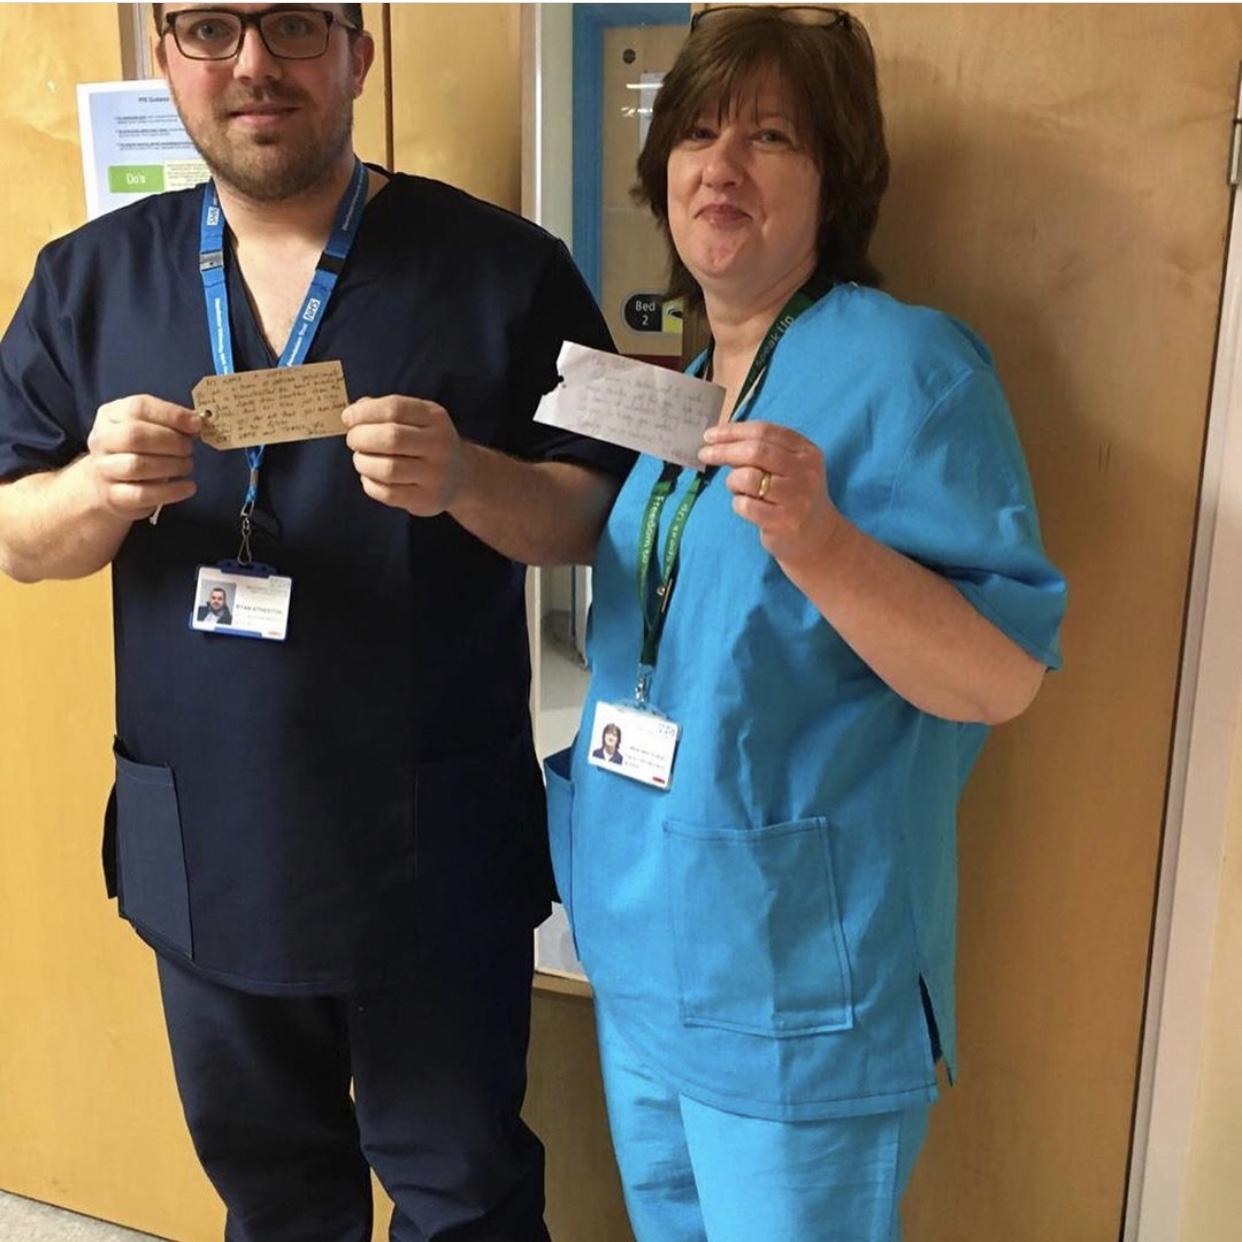 英國各處的前線醫護陸續收到團隊製作的手術衣。(圖片來源:#HelpingDressMedics Instagram)